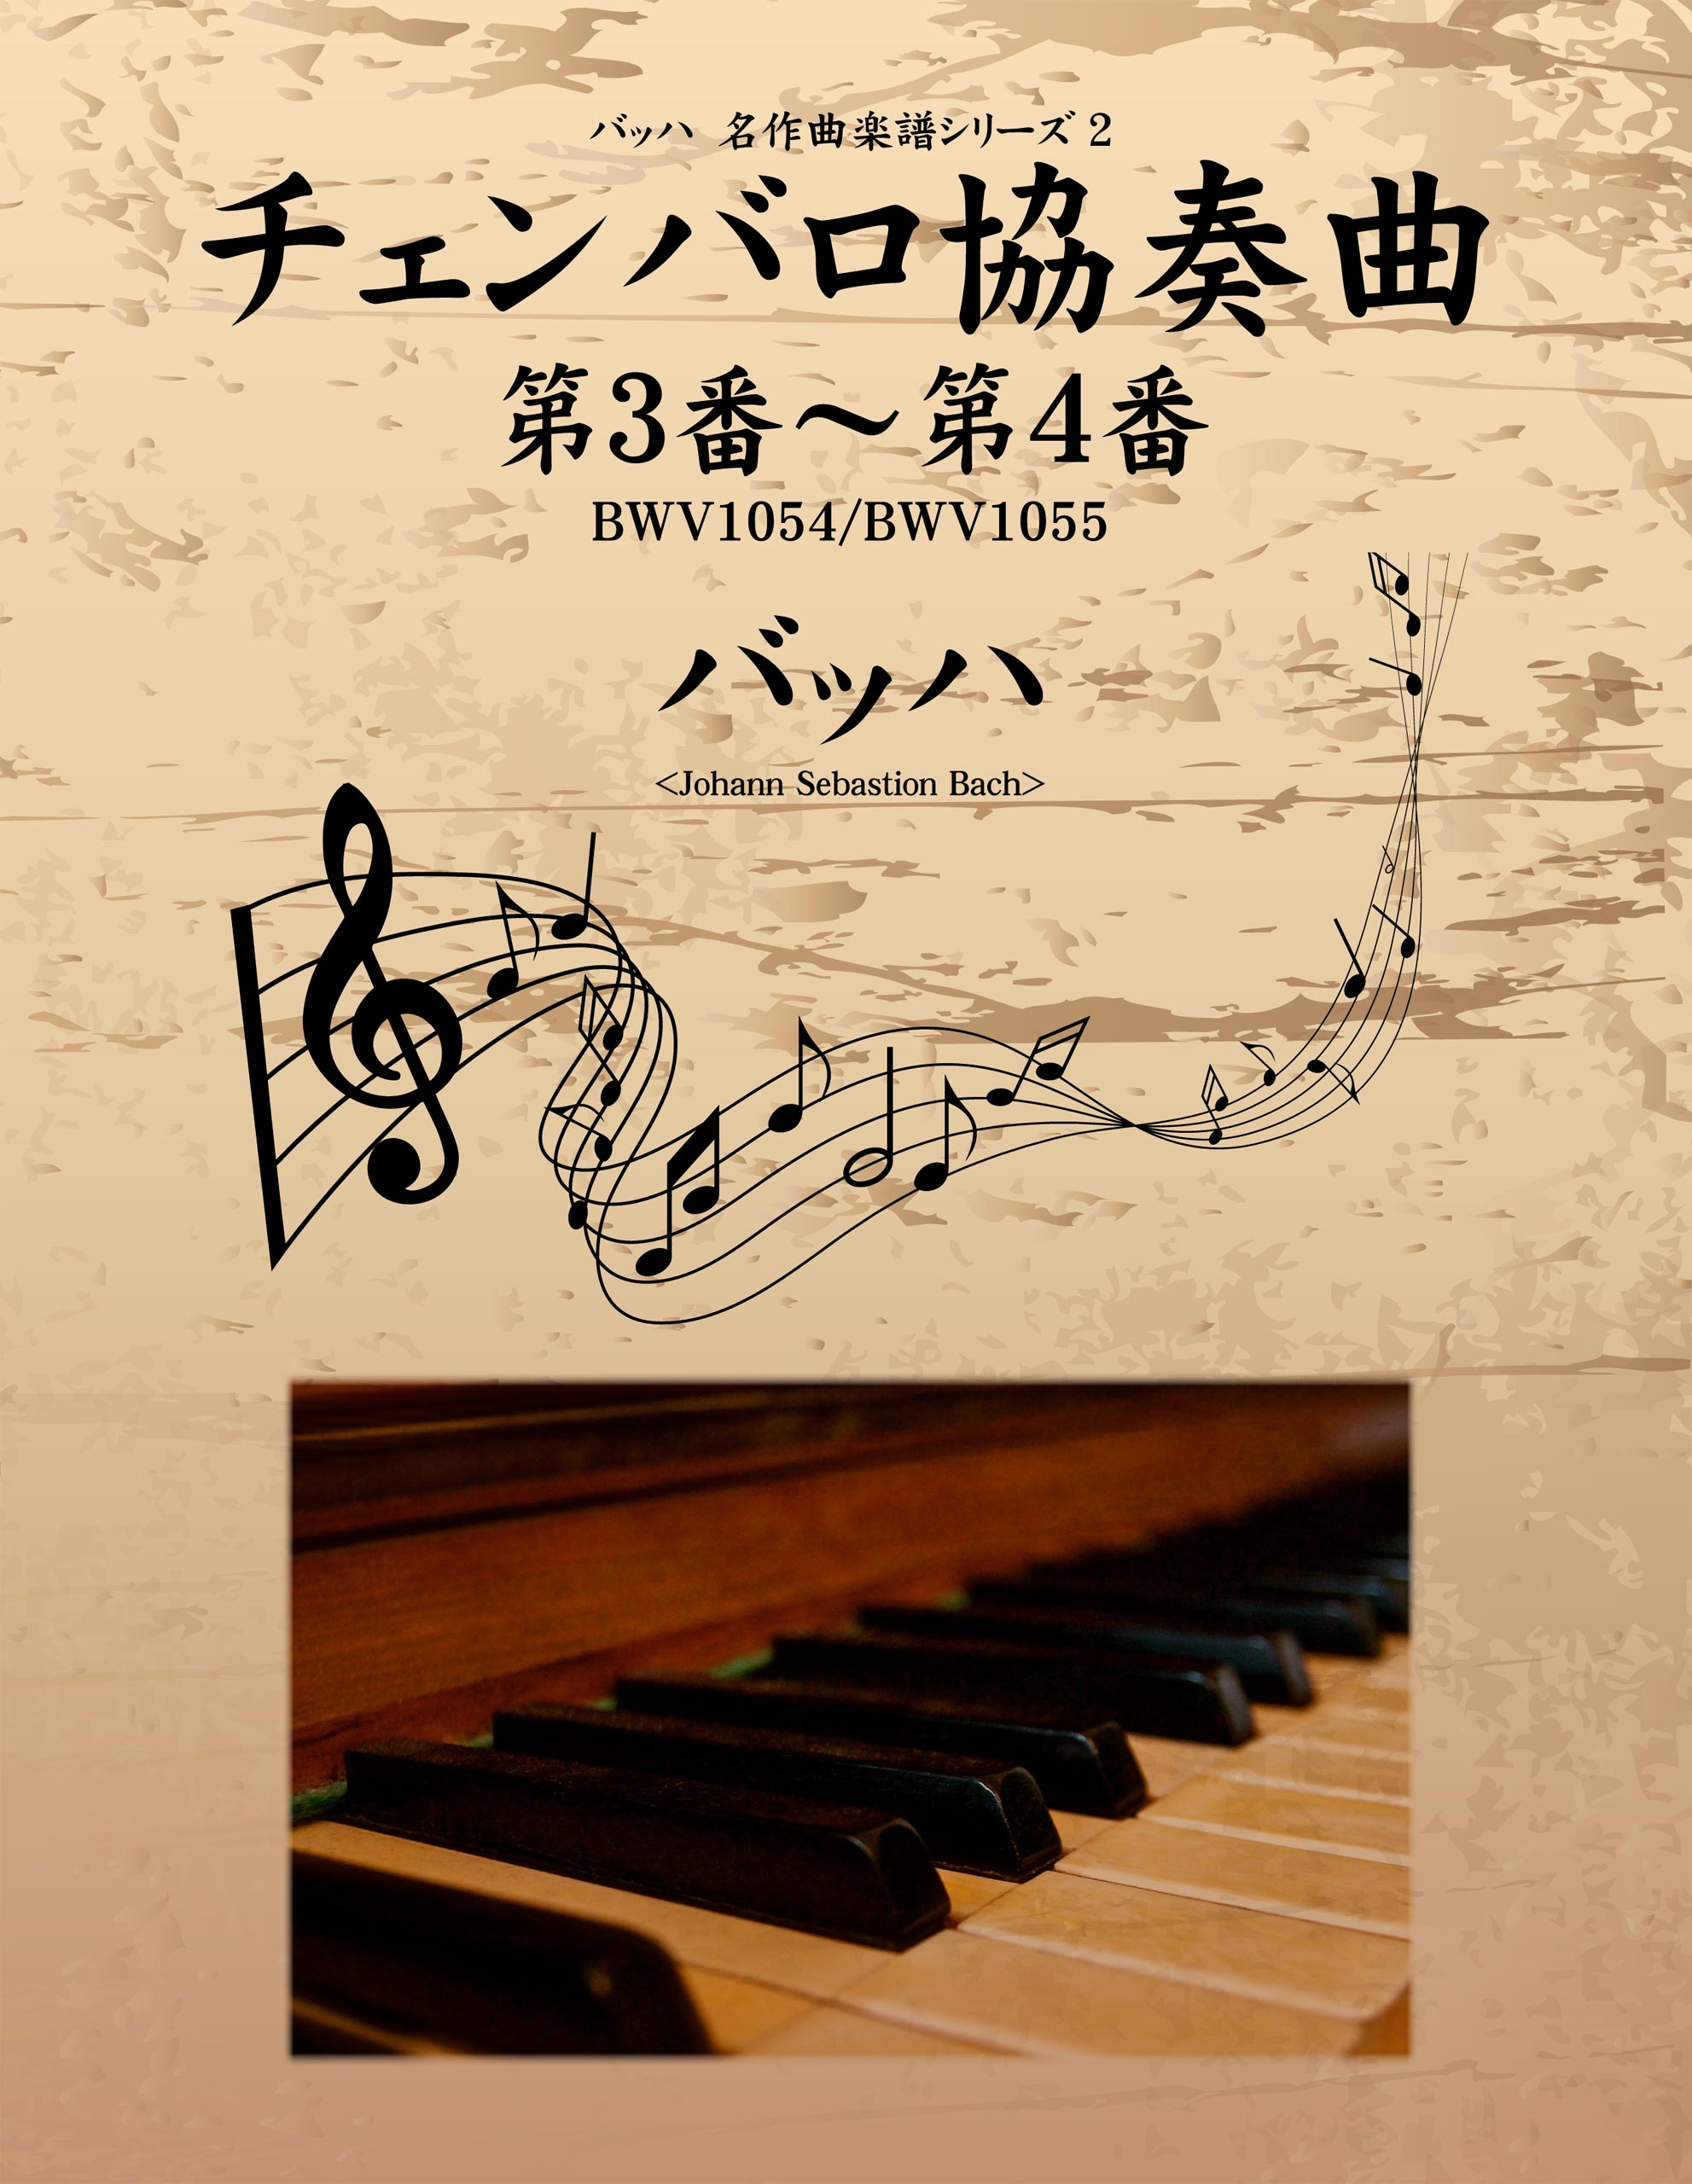 バッハ 名作曲楽譜シリーズ2 チェンバロ協奏曲 第3番~第4番 BWV1054/BWV1055